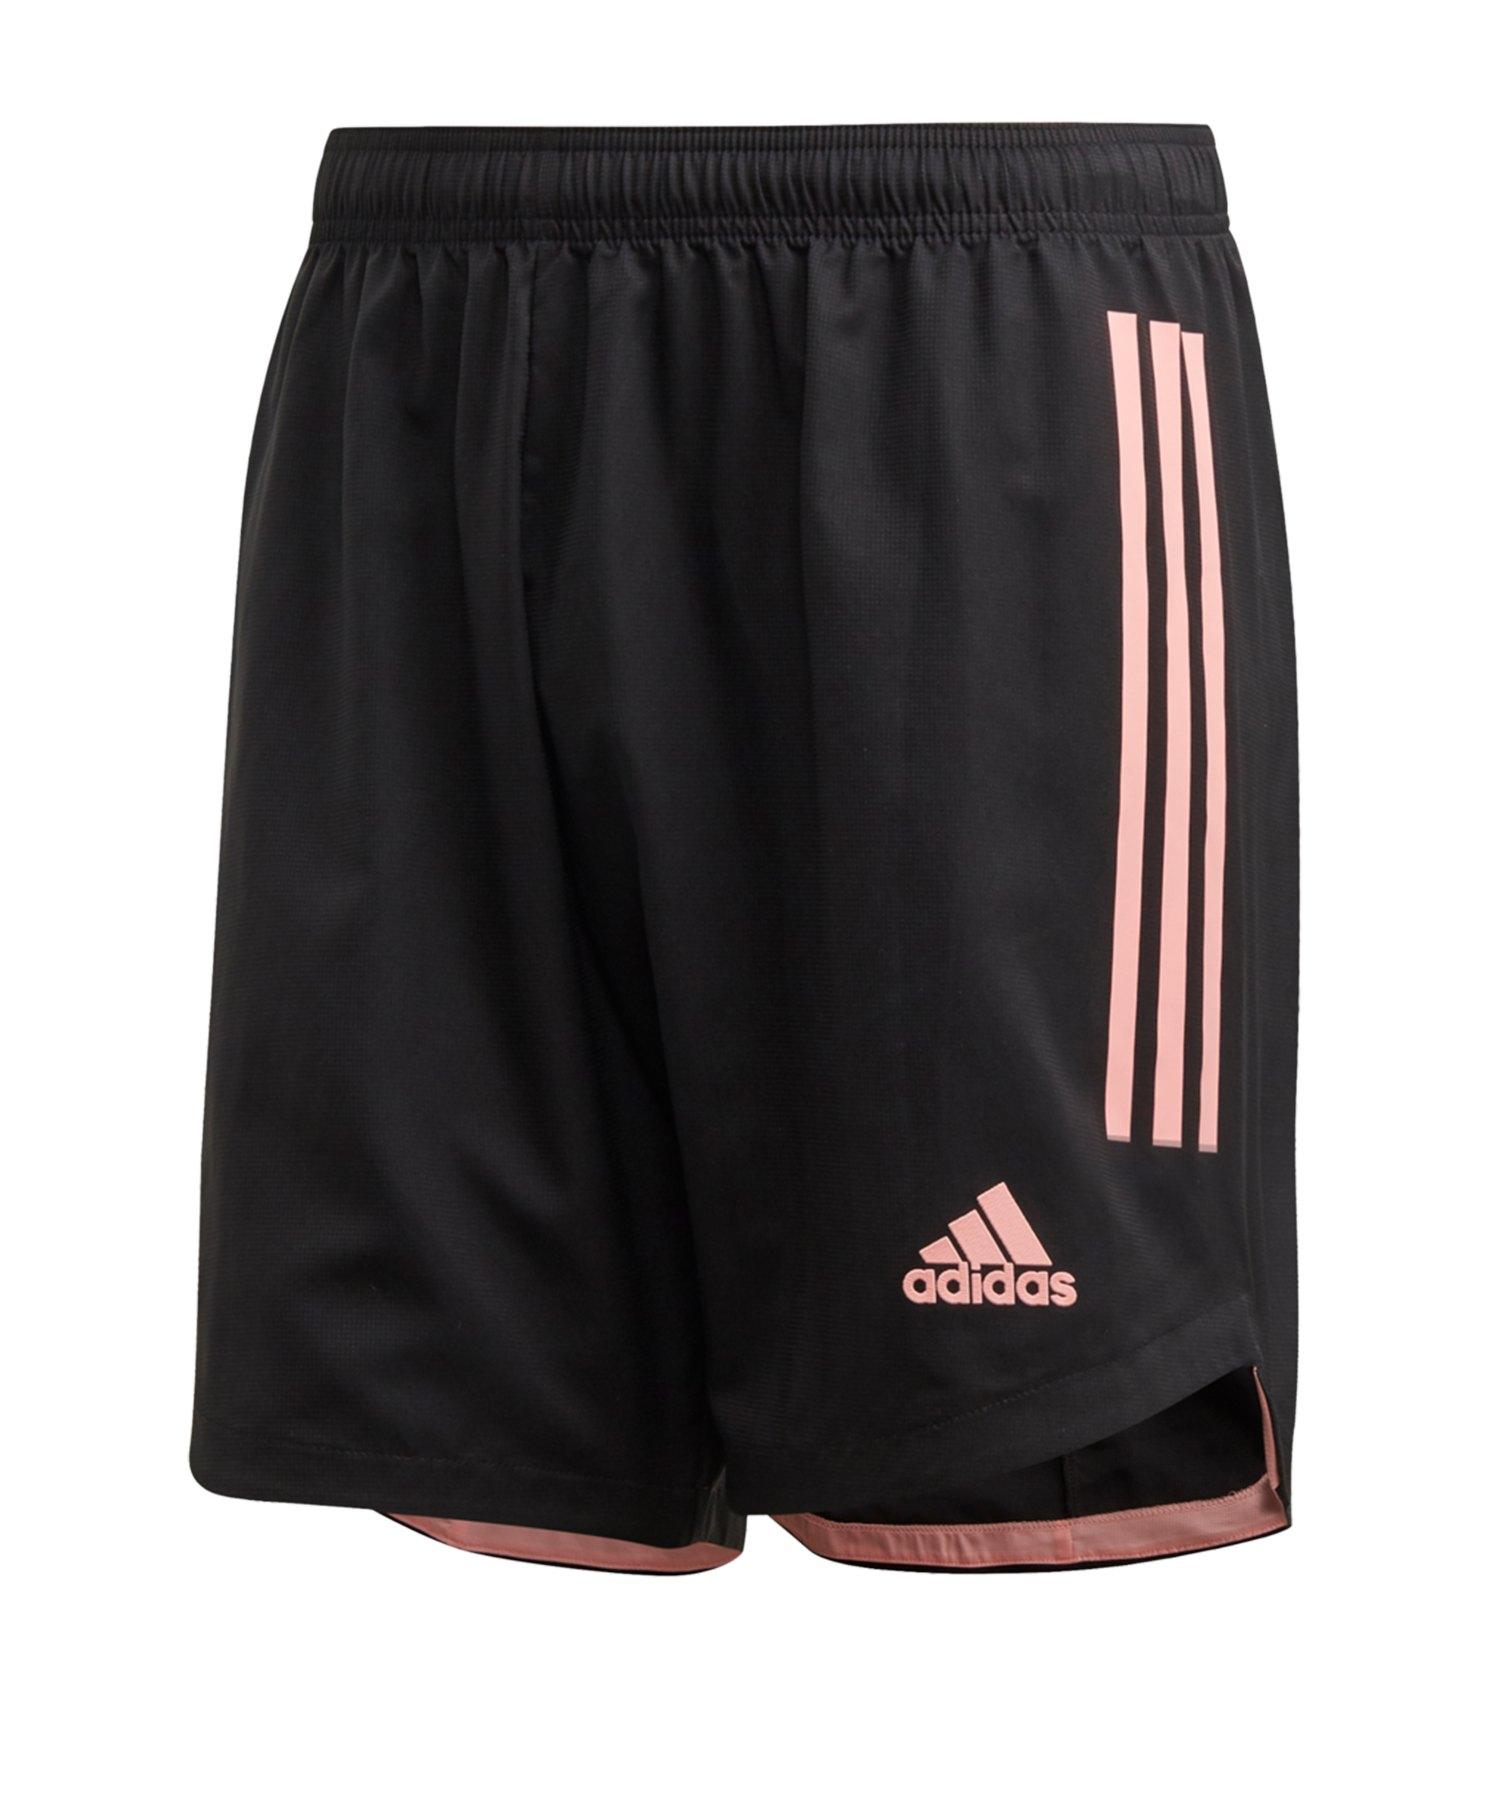 adidas Condivo 20 Short Schwarz Pink - schwarz